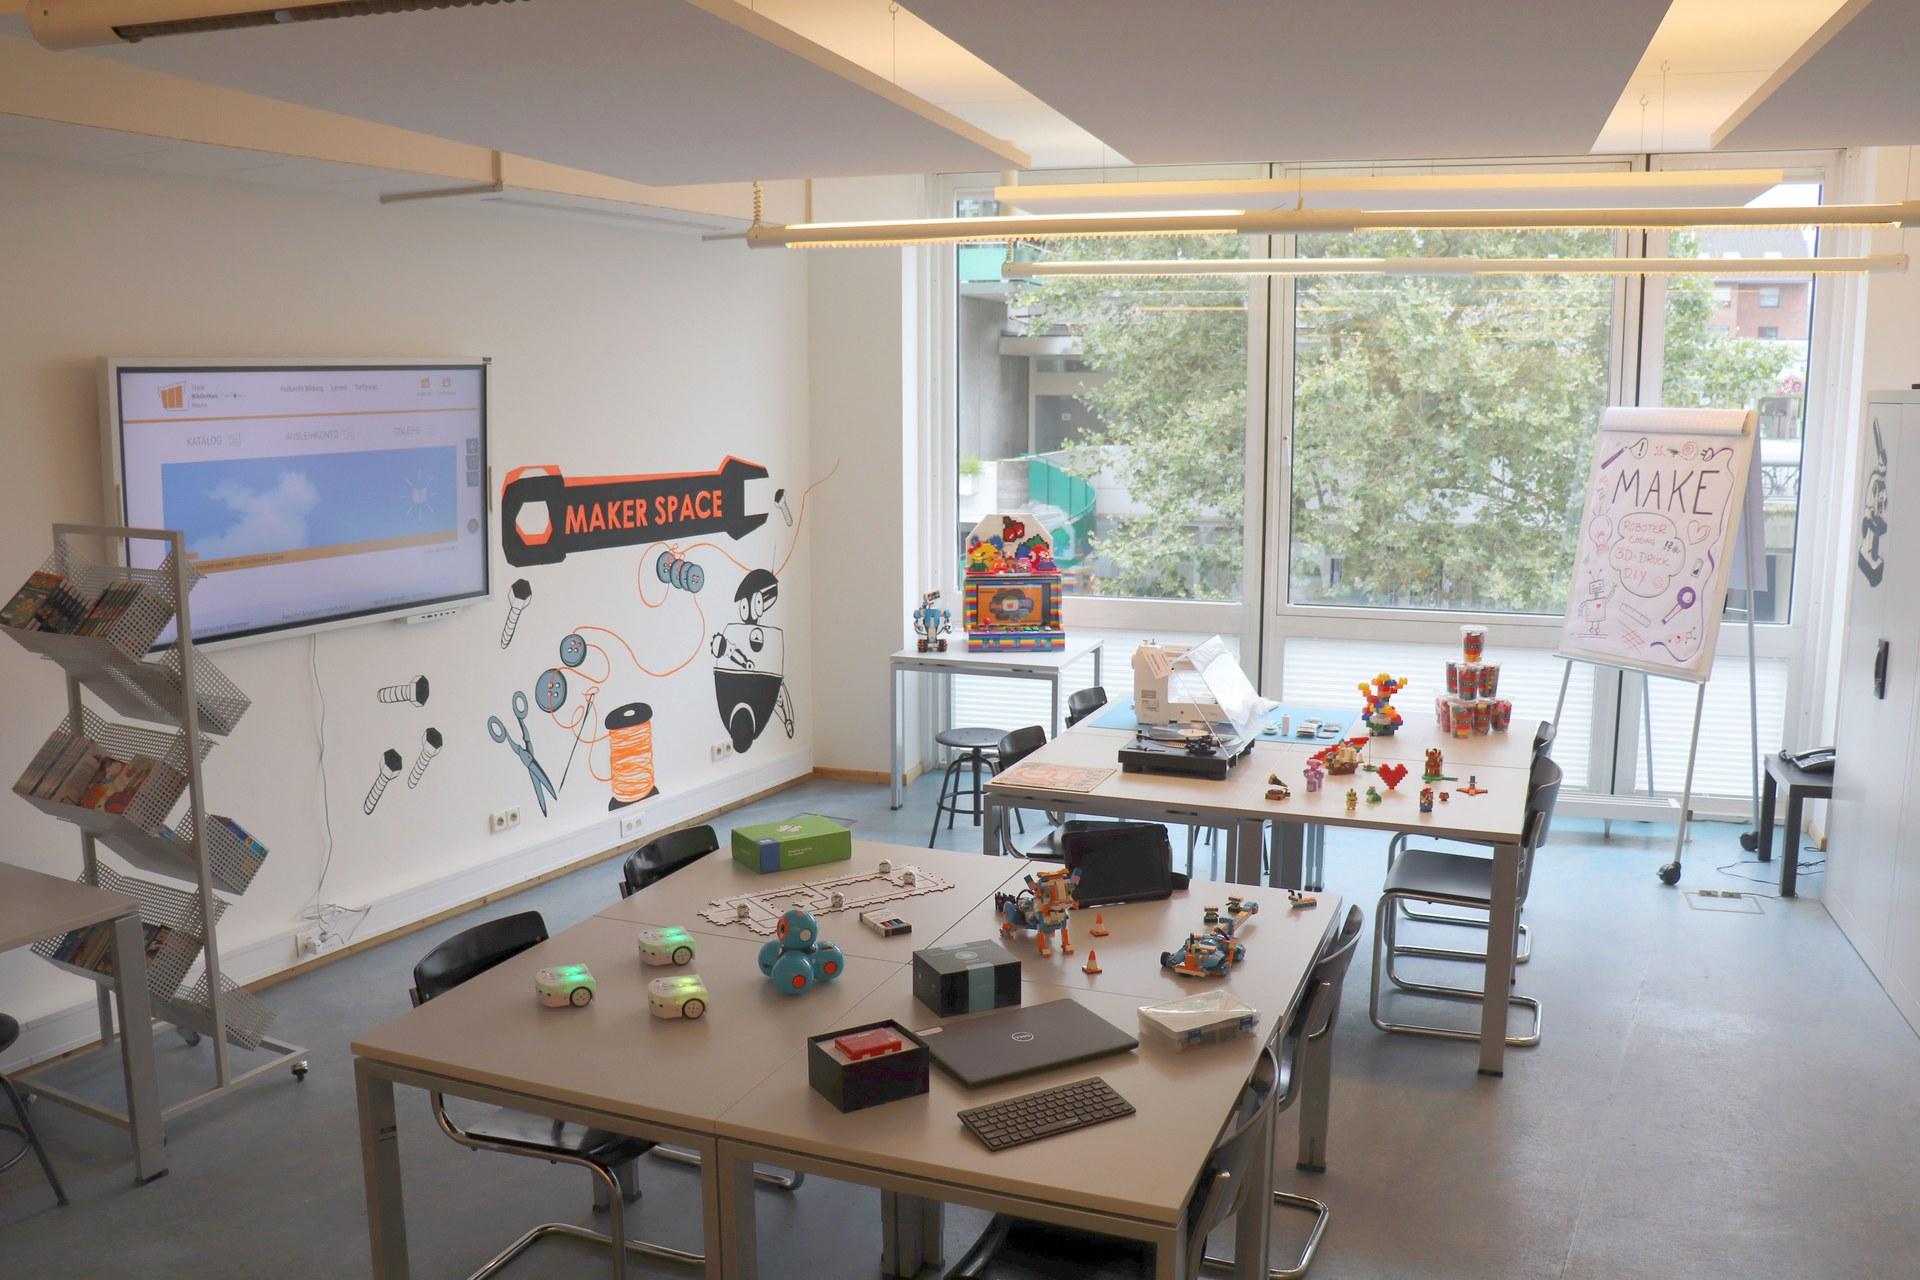 Makerspace - Kreativ werden in der Stadtbibliothek 02_Foto Claudia Ehrentraut.jpg